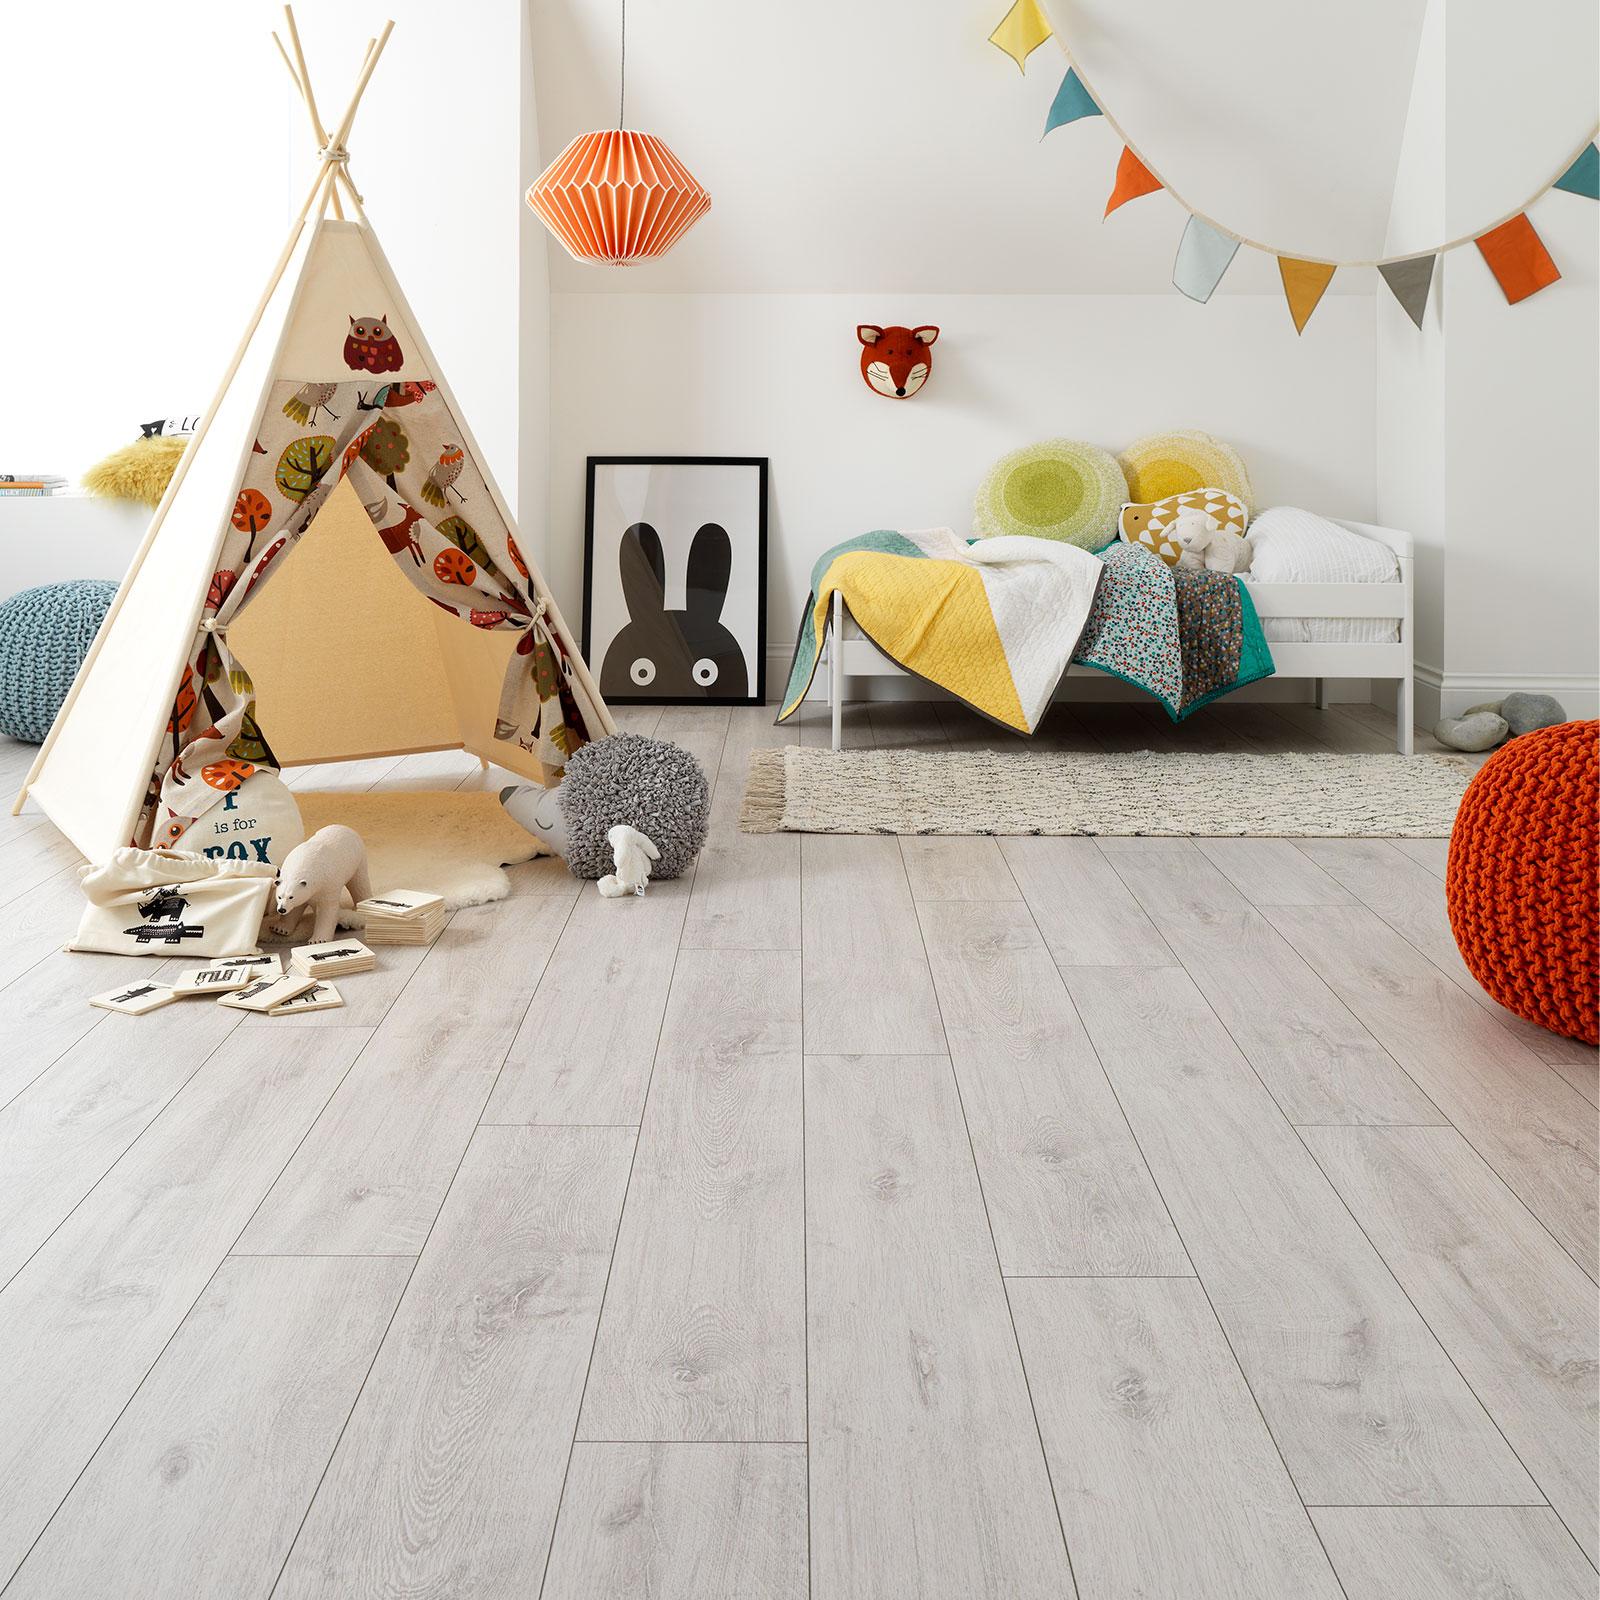 børns soveværelse med hvidt laminatgulv